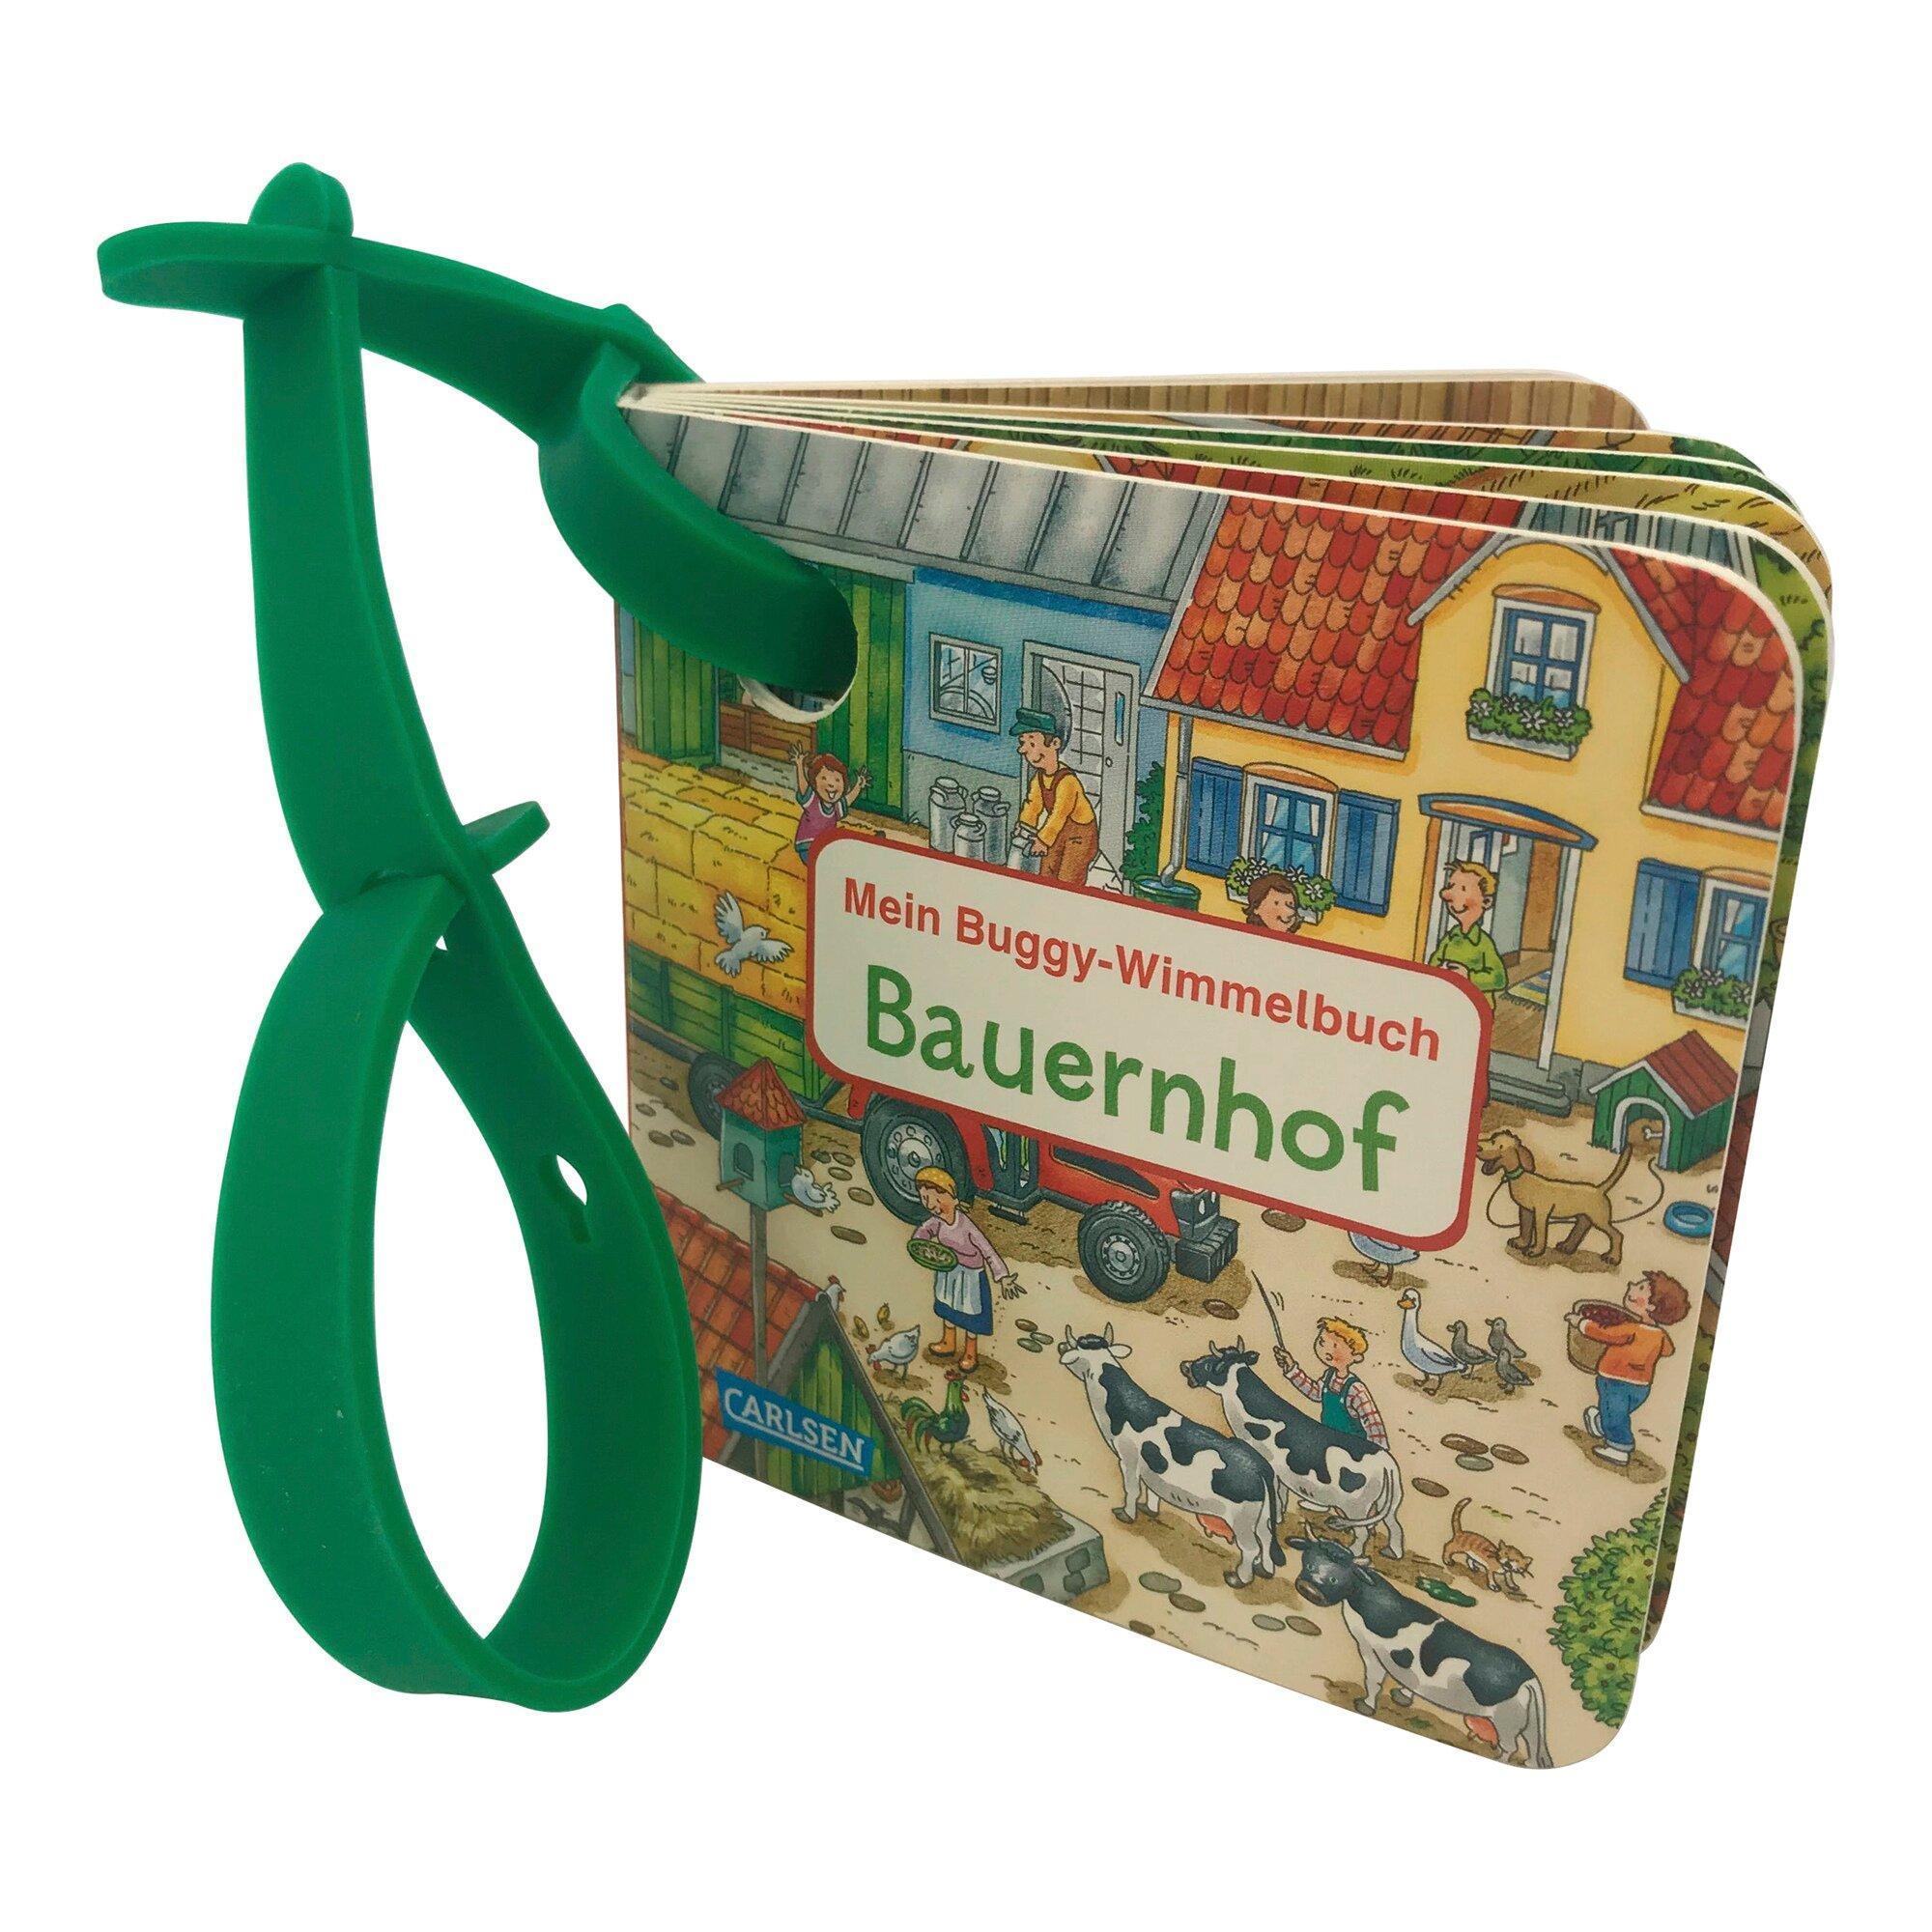 Mein Buggy-Wimmelbuch - Bauernhof